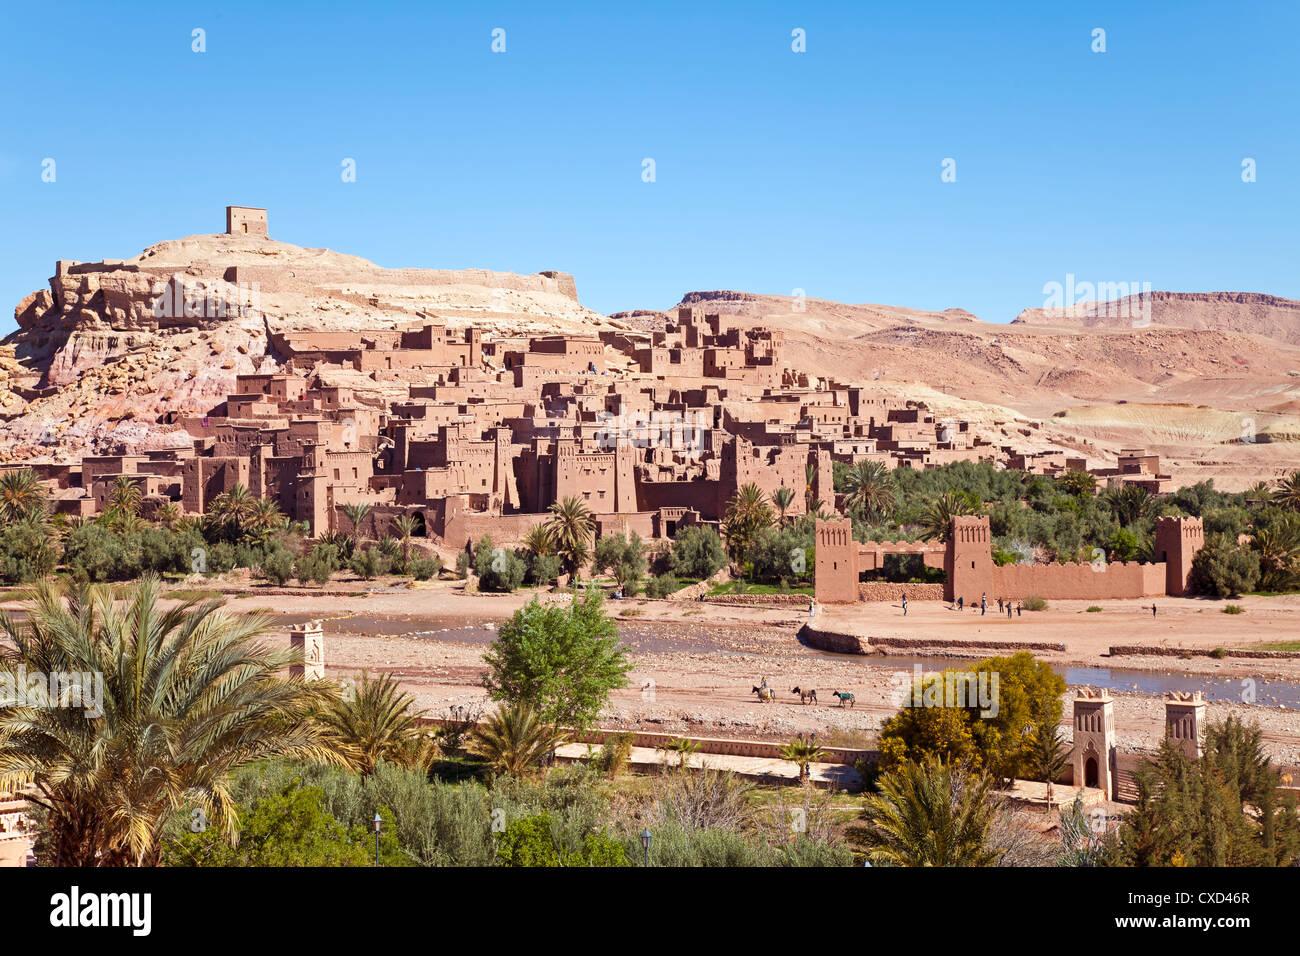 Stadt von Ait Benhaddou auf einem ehemaligen Karawanenstraße am Flussufer Ouarzazate verwendet oft als Drehort, Stockbild